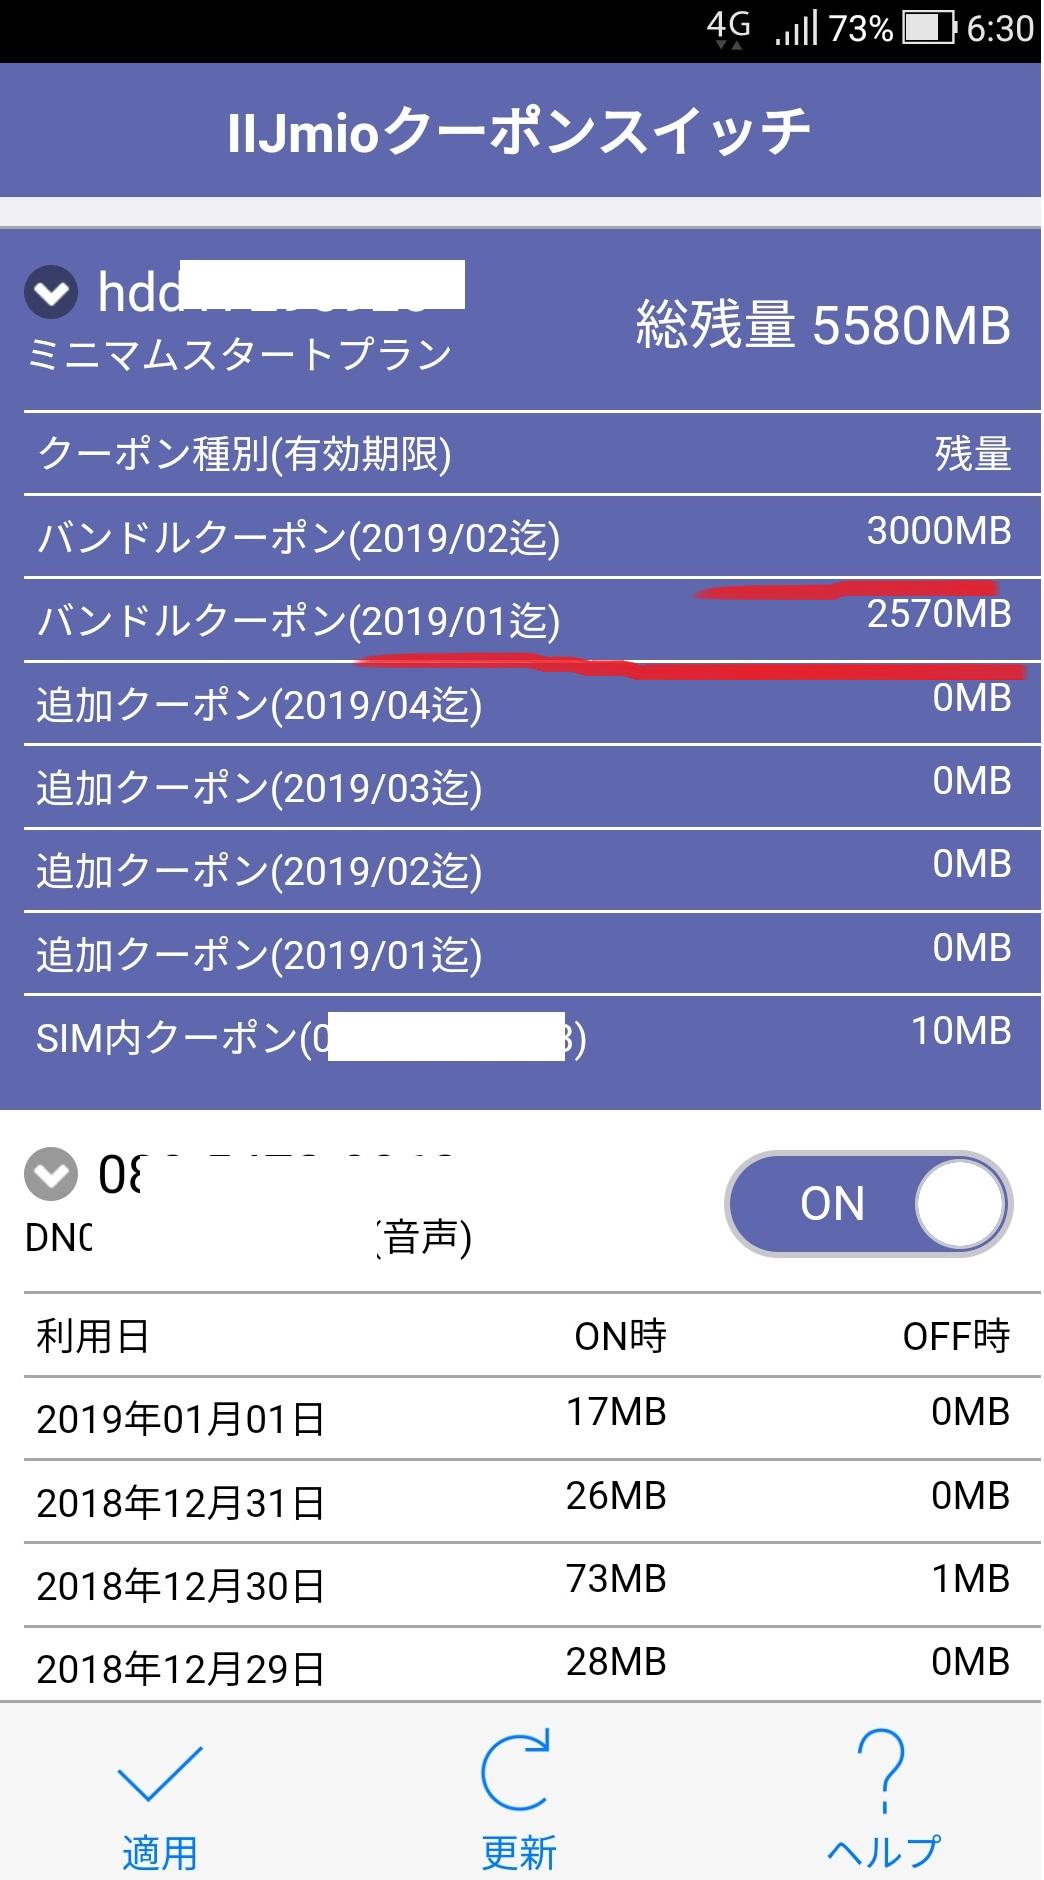 kakuyasu_sumaho_IIJmio_data.jpg